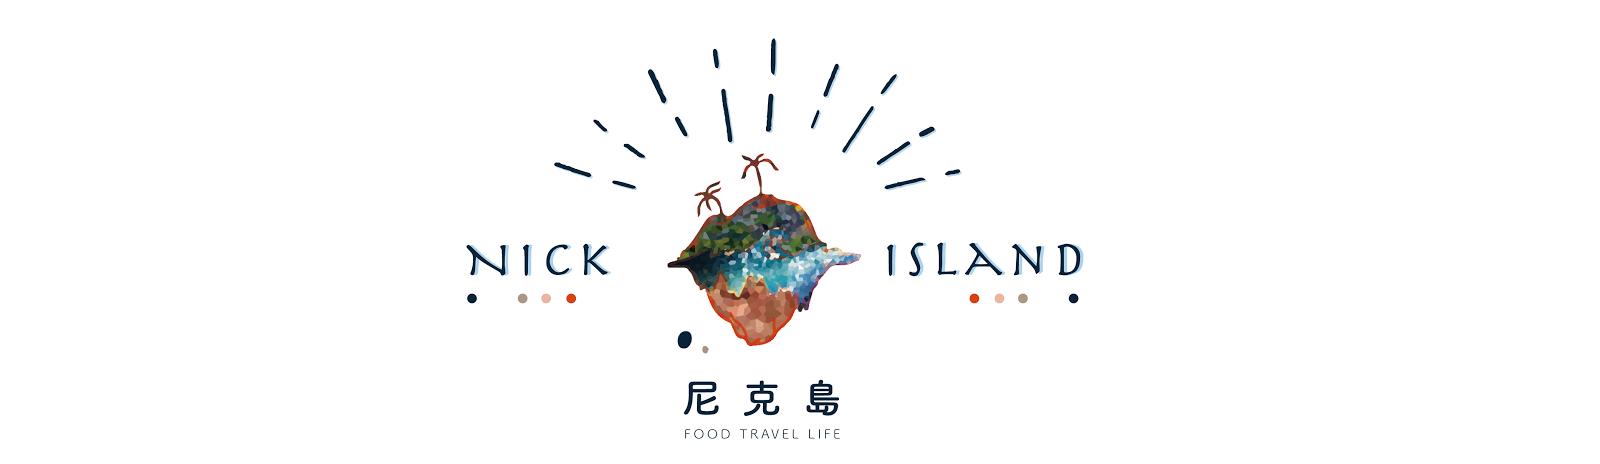 尼克島Nick Island 美食生活旅遊頻道